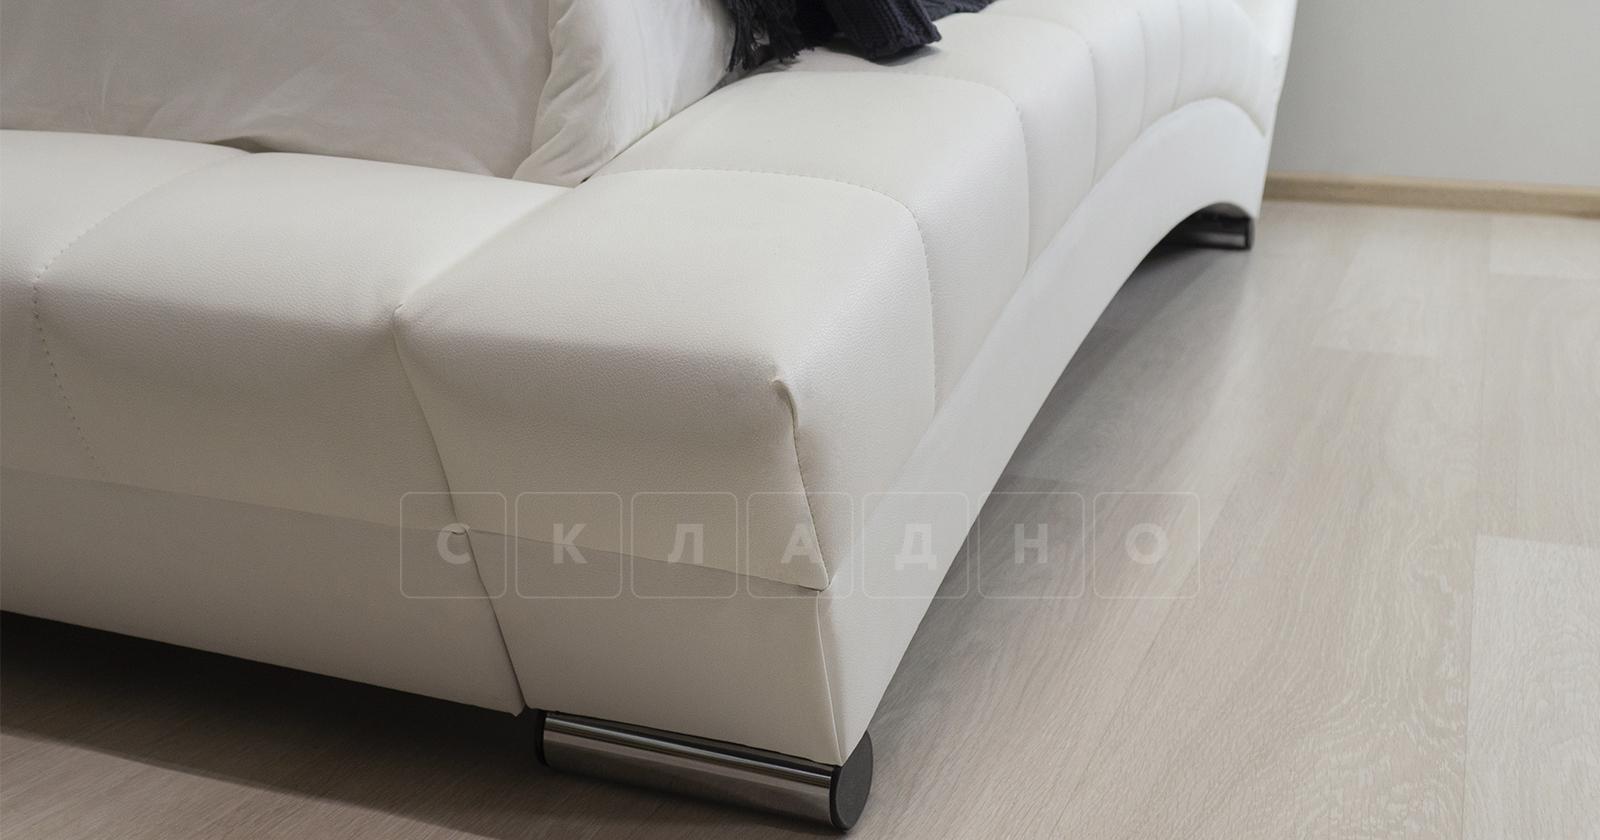 Мягкая кровать Оливия 160 см экокожа белый фото 11 | интернет-магазин Складно